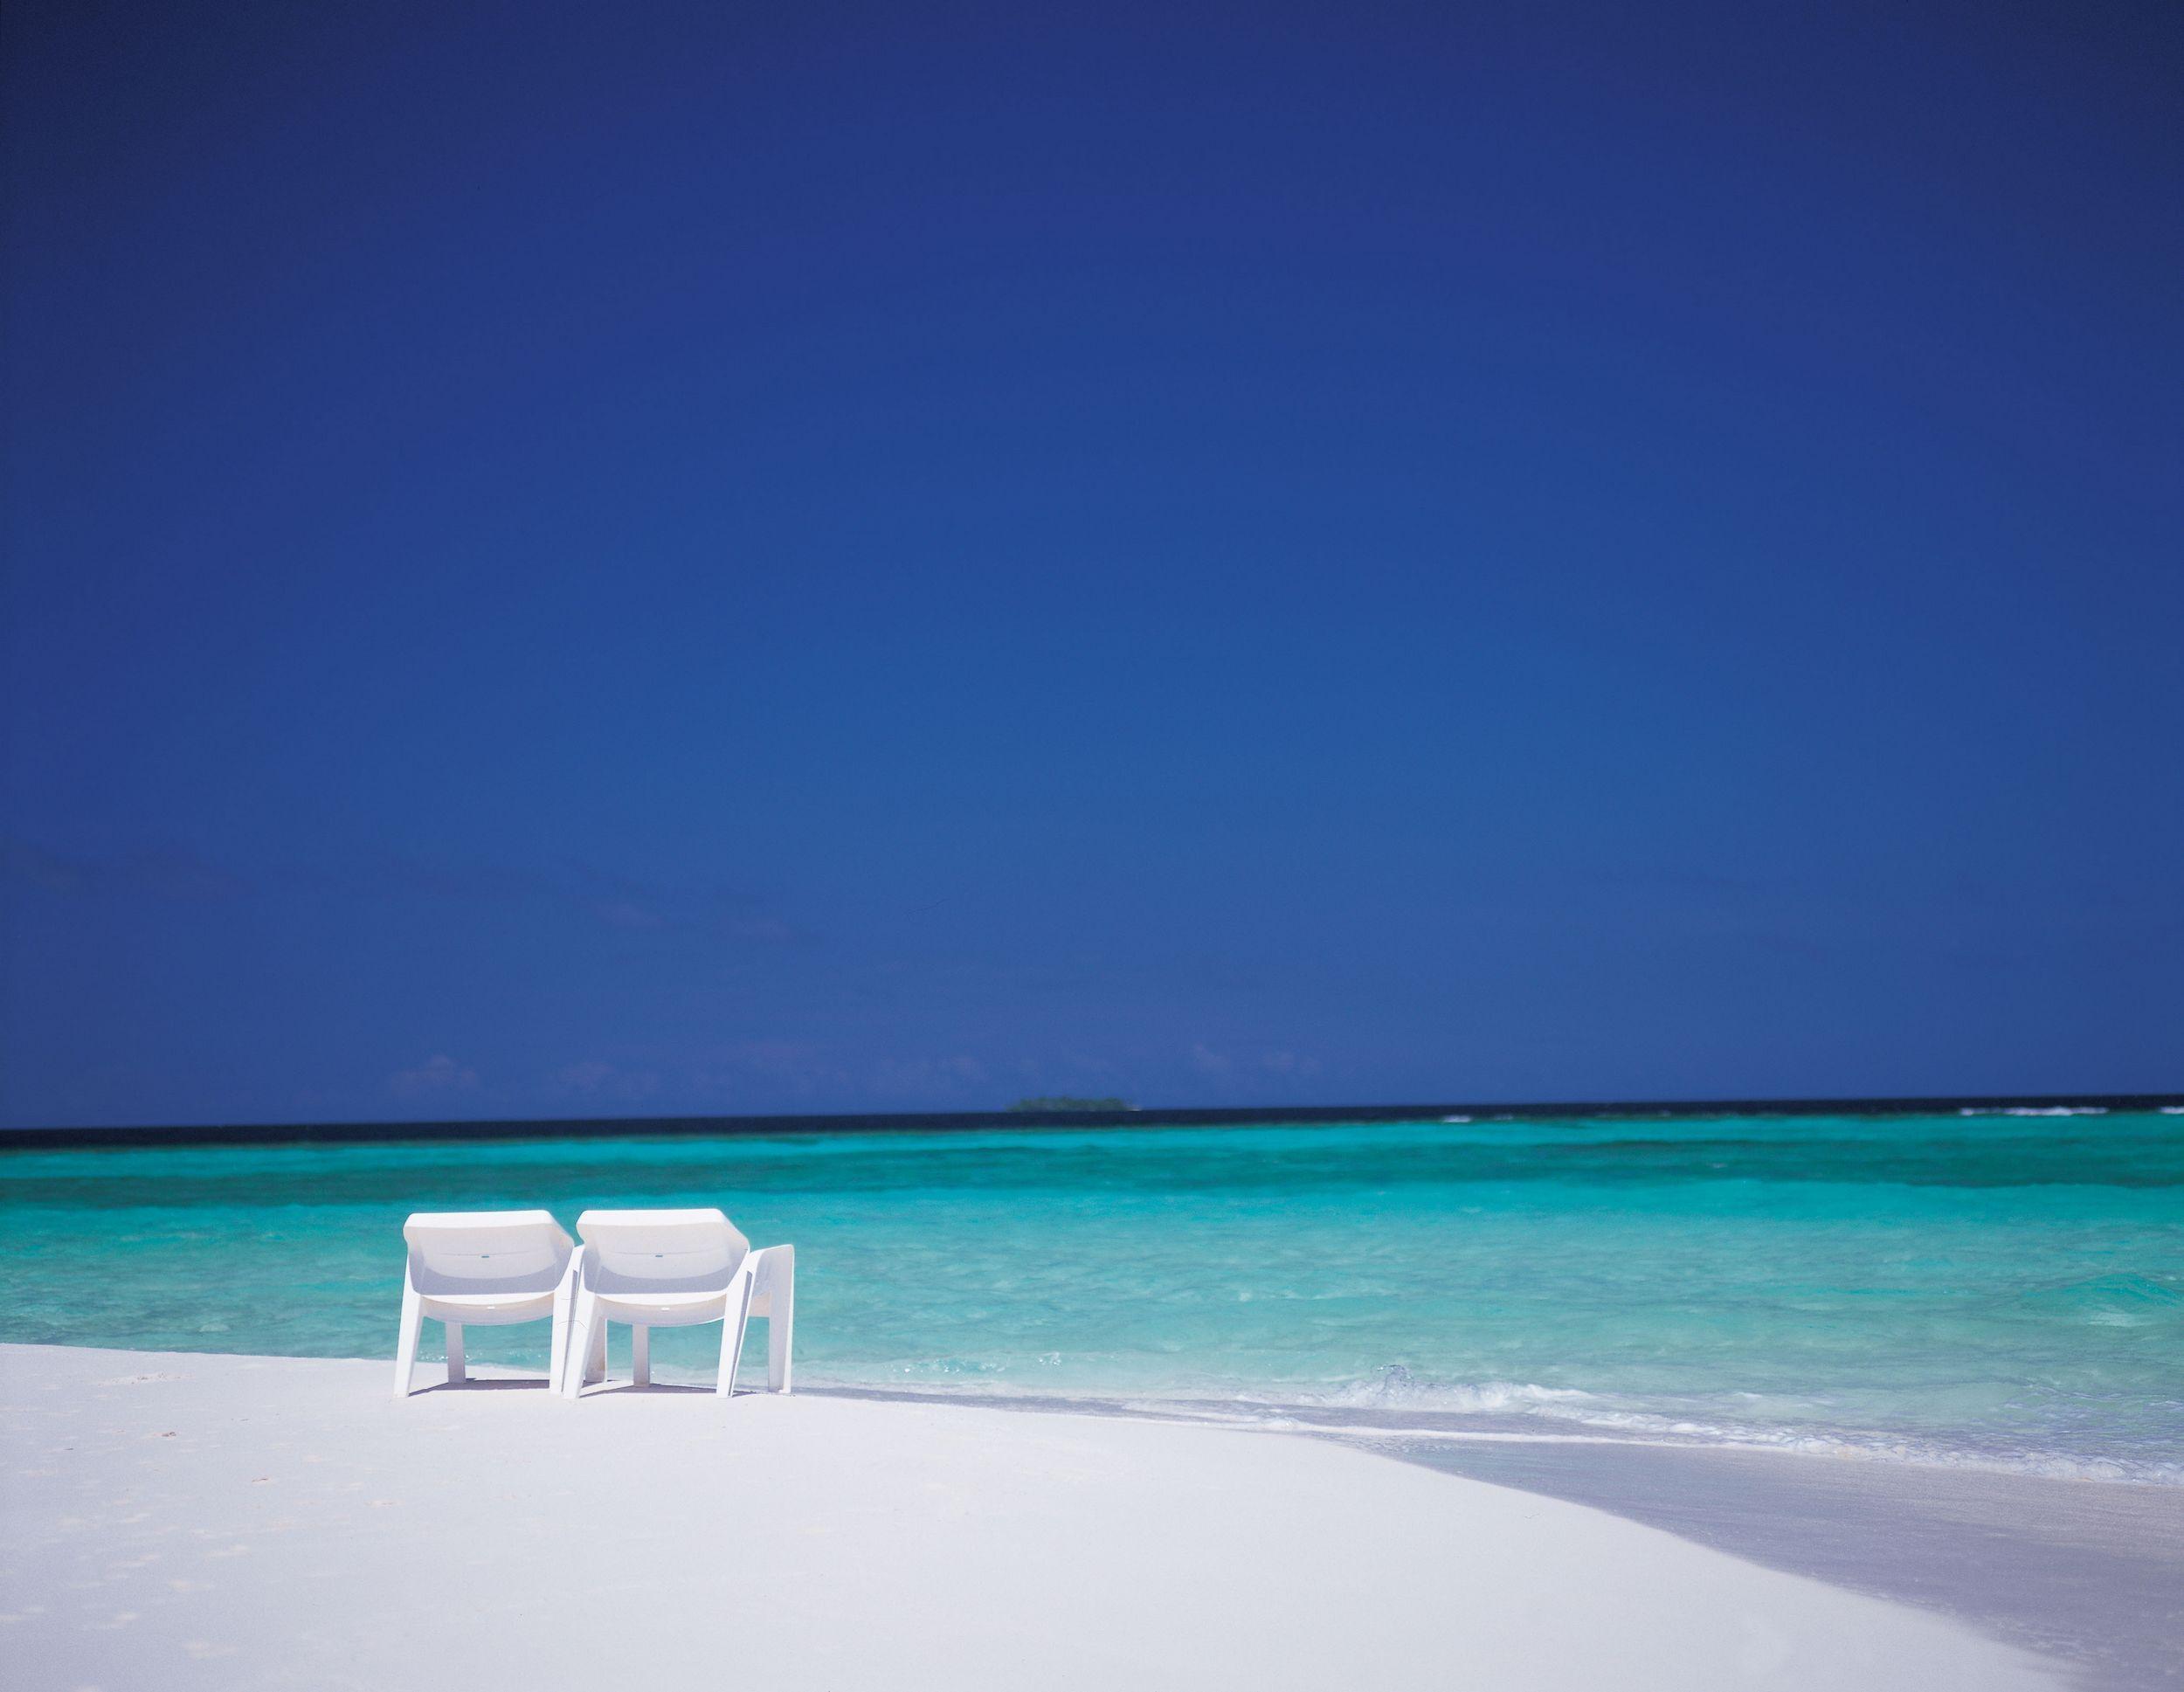 Capodanno 2014 alle maldive mar rosso e canarie ultimi for Capodanno alle canarie